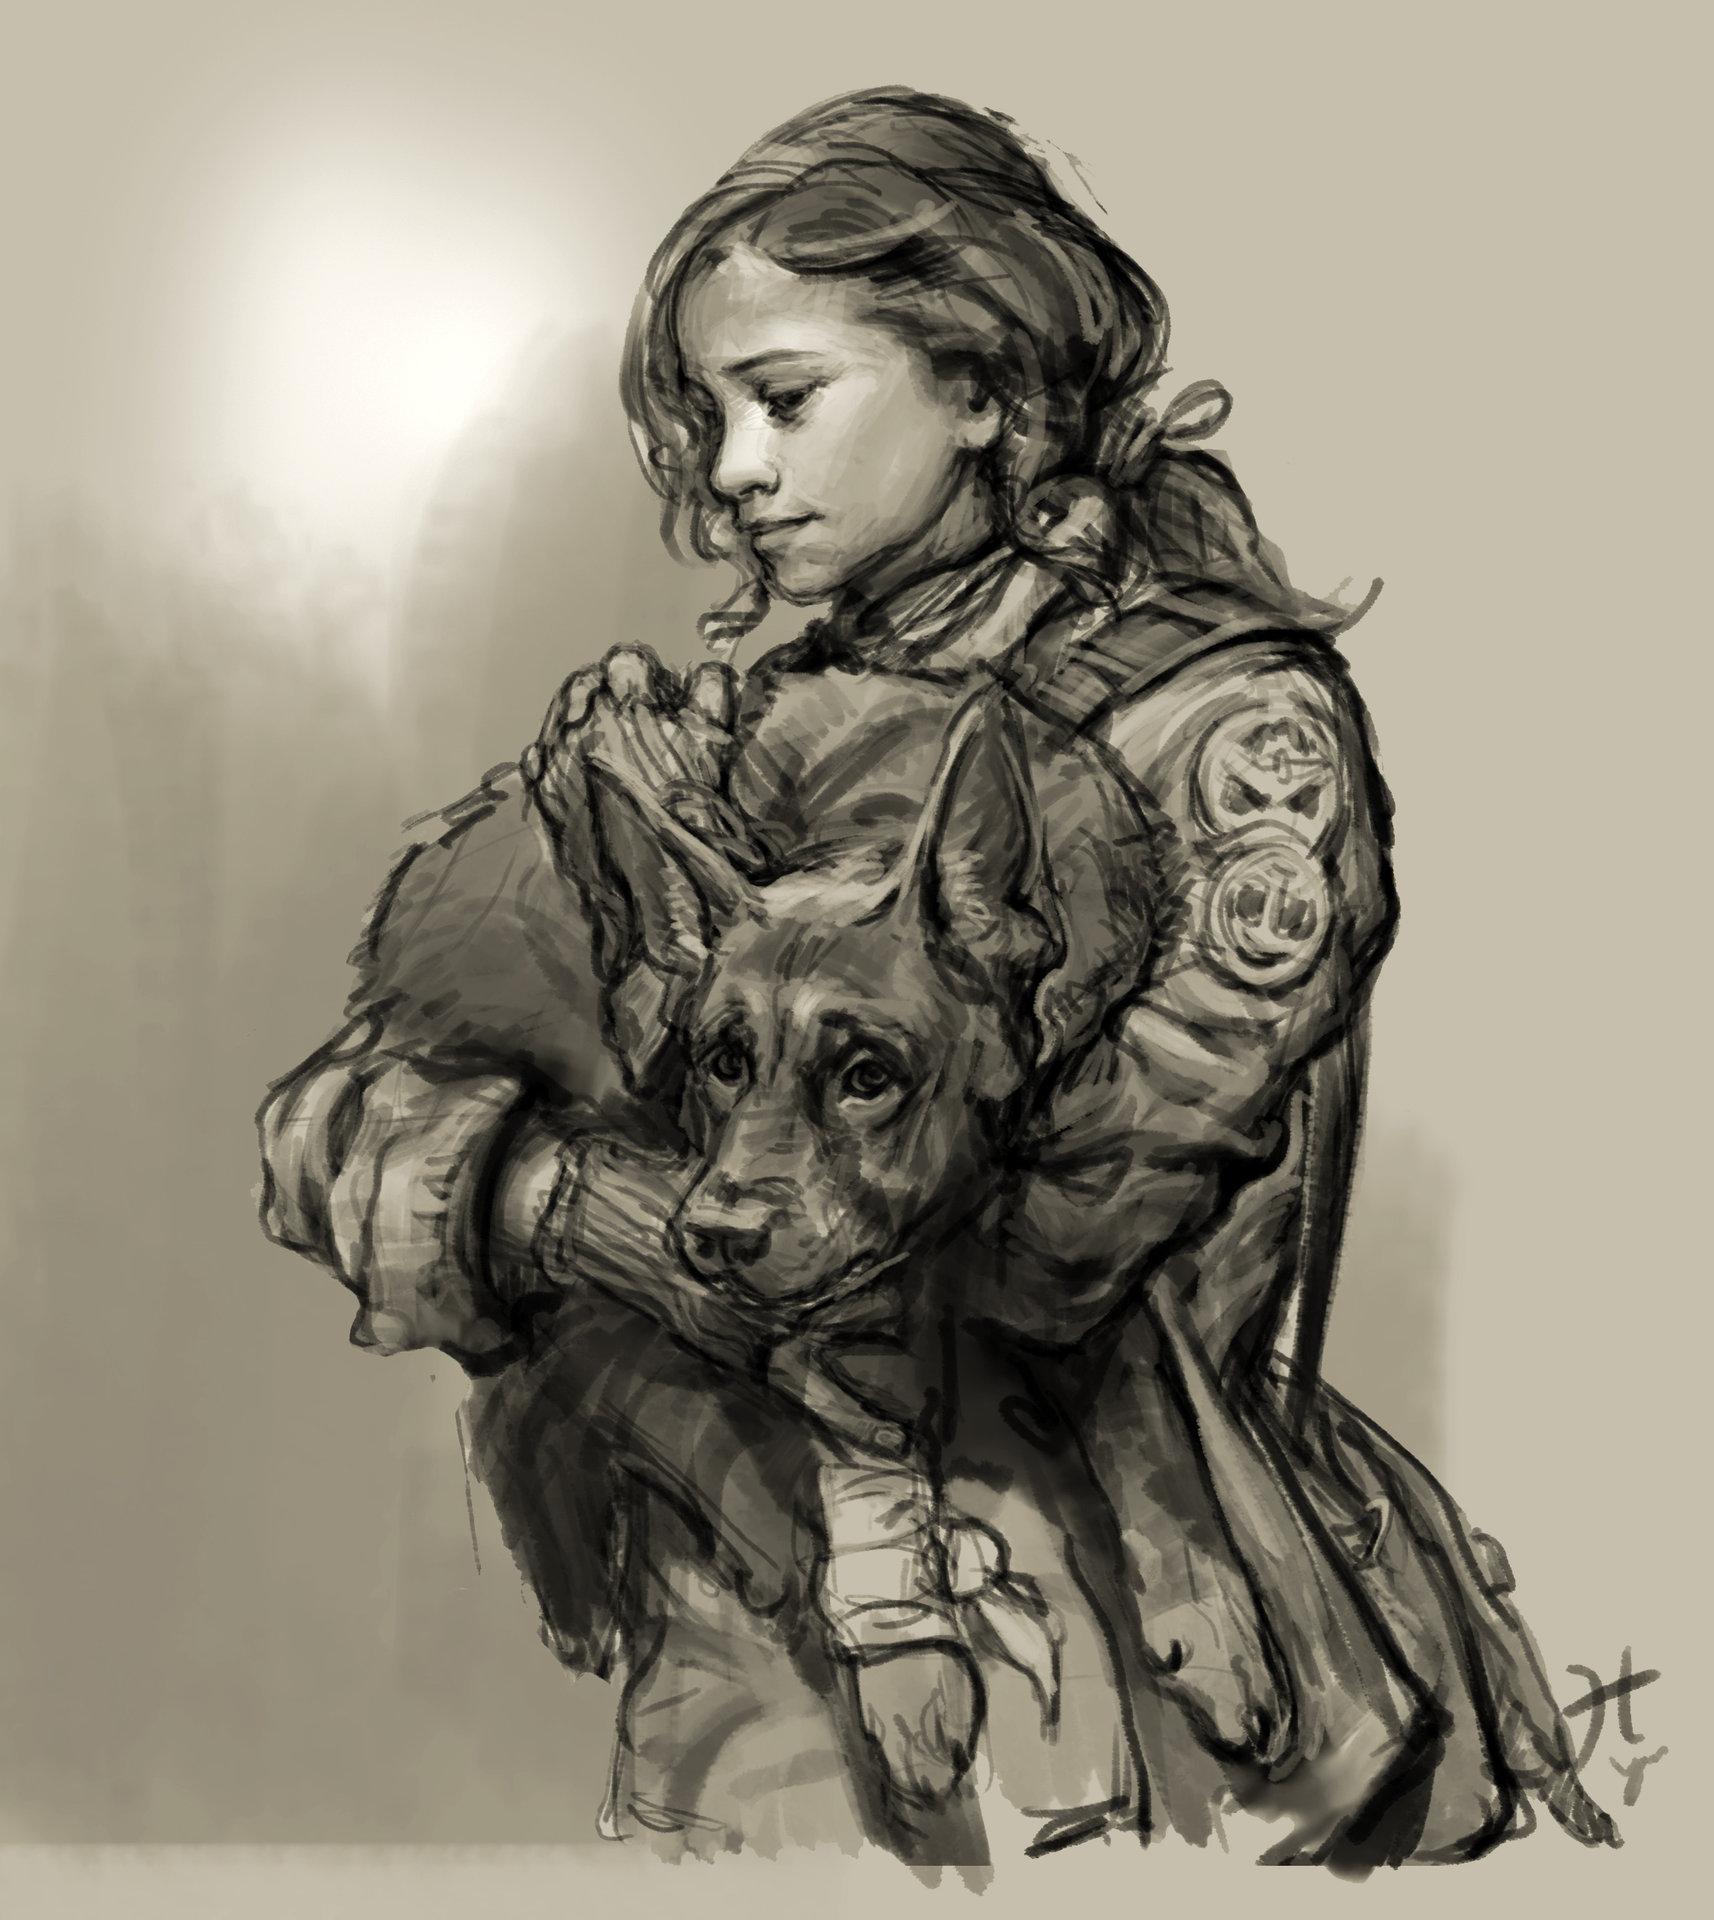 Heroine sketch hn 05 01